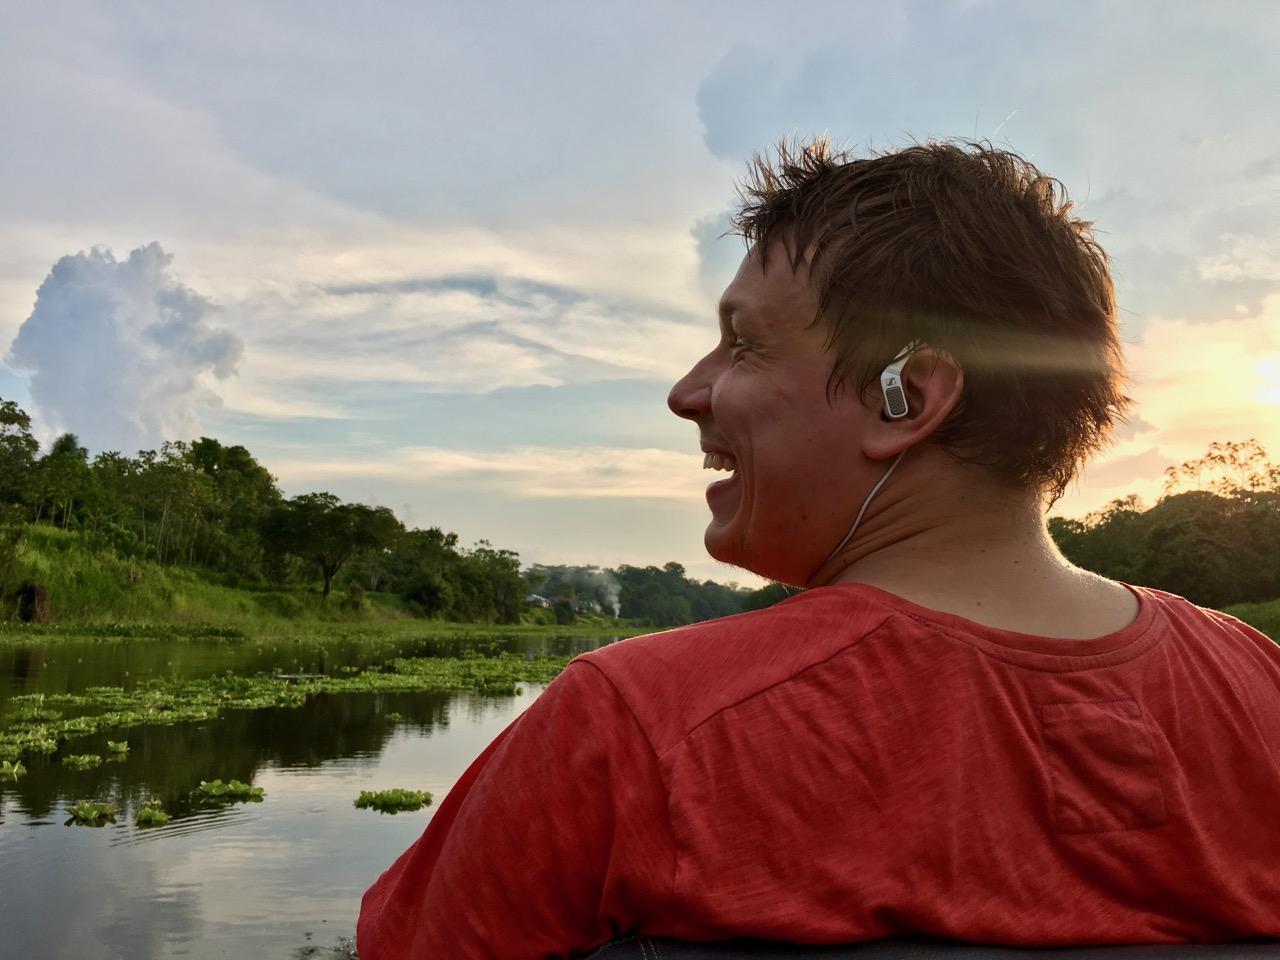 Meie grupi uus kohalik šamaan Jakob, väljateenitud indiaaninimega Llullu nü-nü (loe: Džudžu nu-nu). Foto: Kaidi Reinu /Amazonas Reisid